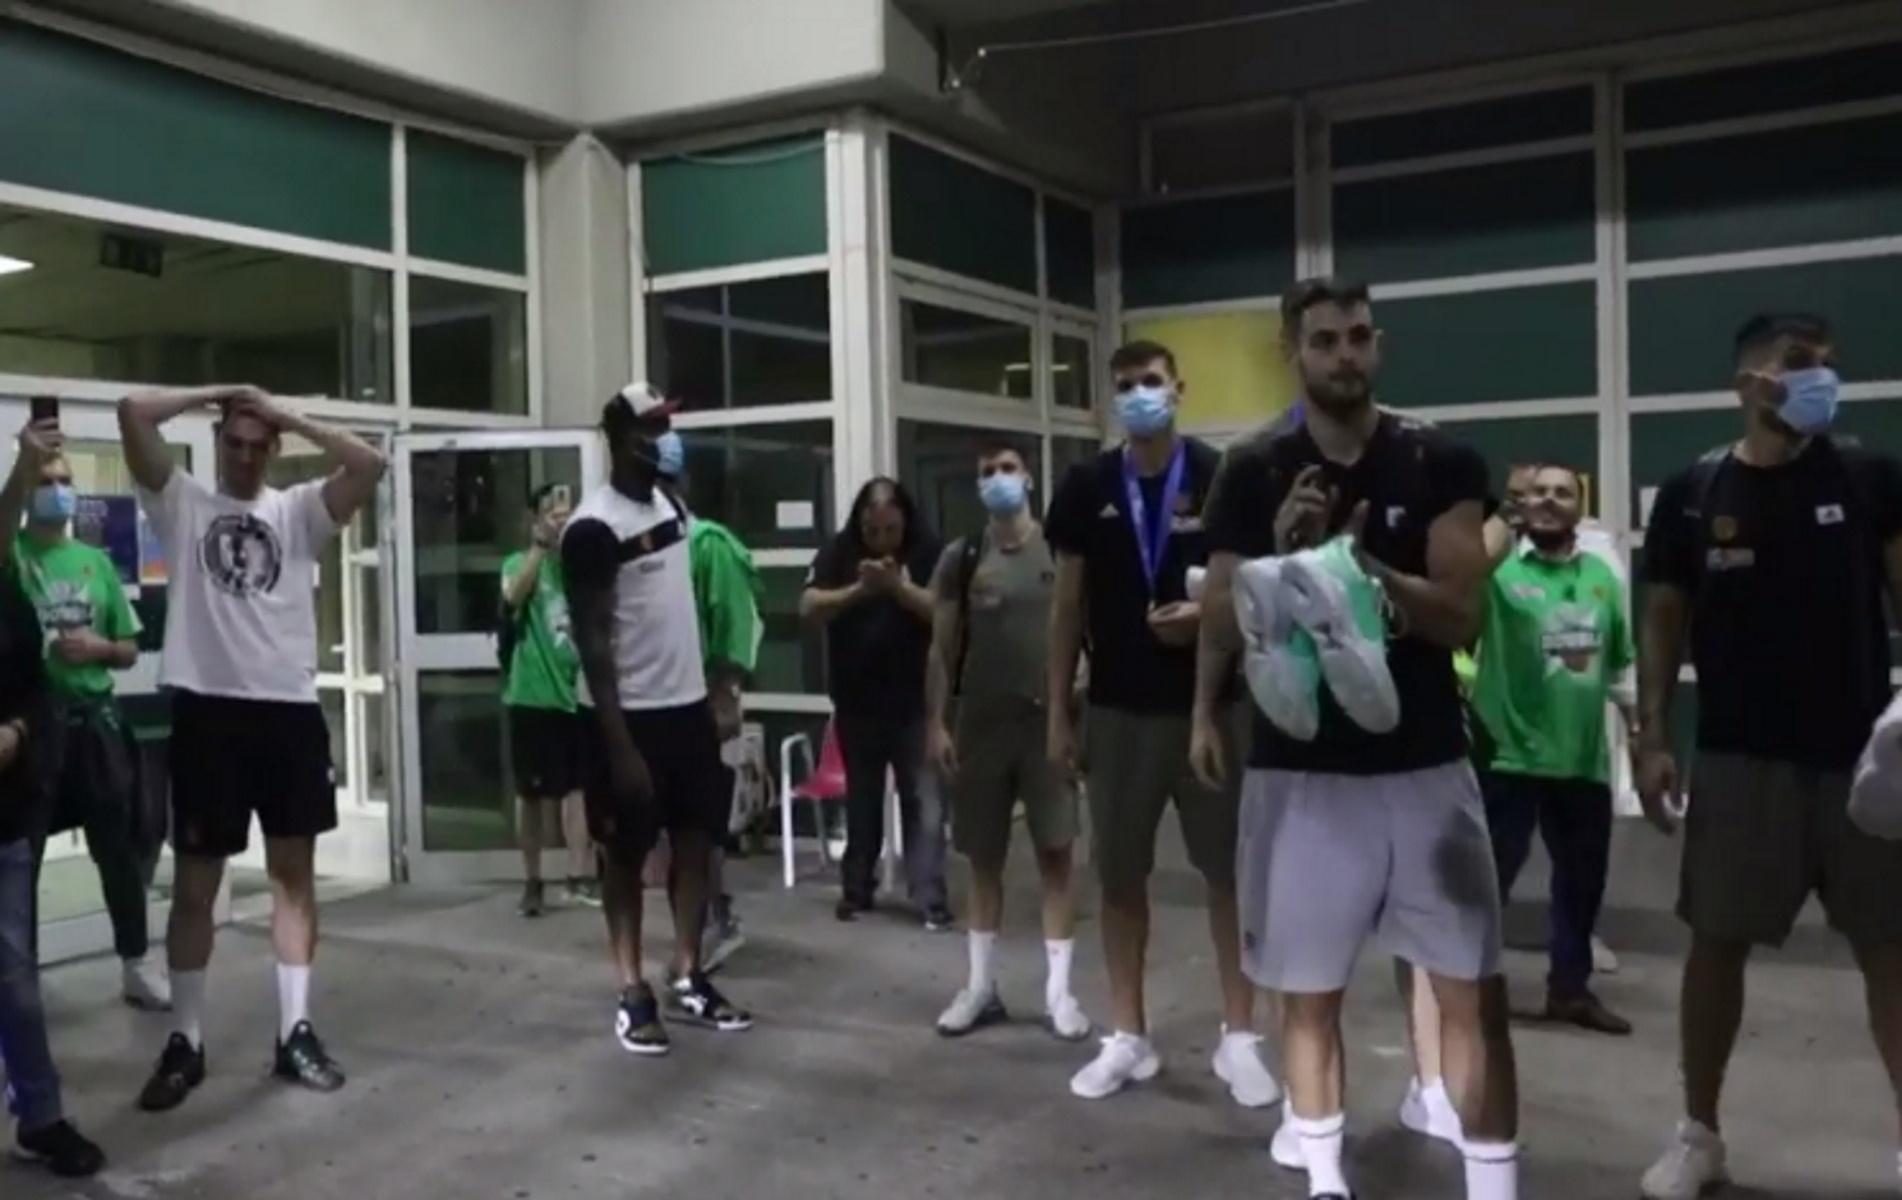 Παναθηναϊκός: Αποθέωση στο ΟΑΚΑ για τον πρωταθλητή και αφιέρωση στον Παύλο Γιαννακόπουλο